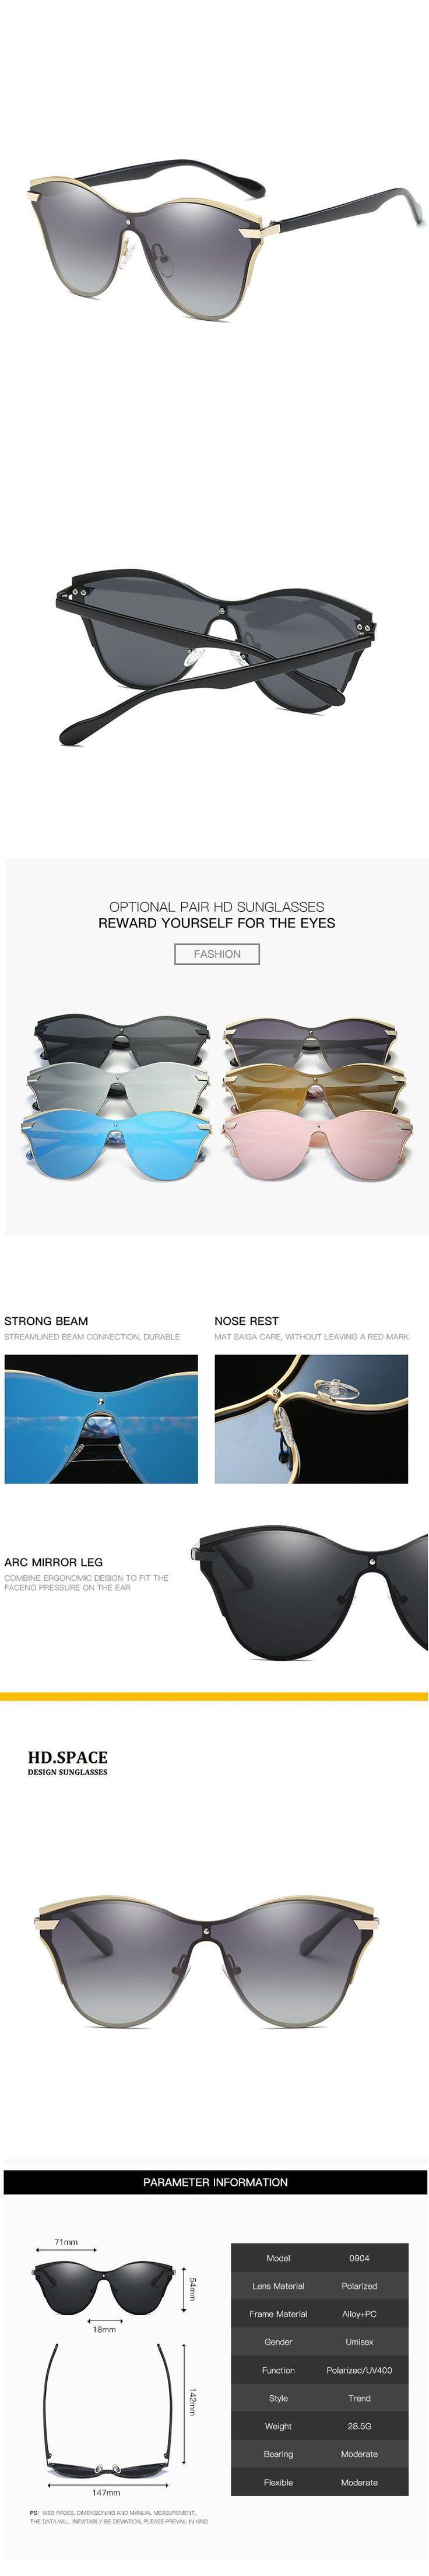 HD.space women Polarized Sunglasses lunette de soleil femme sun glasses for women Diamond womens sunglasses brand designer UV400